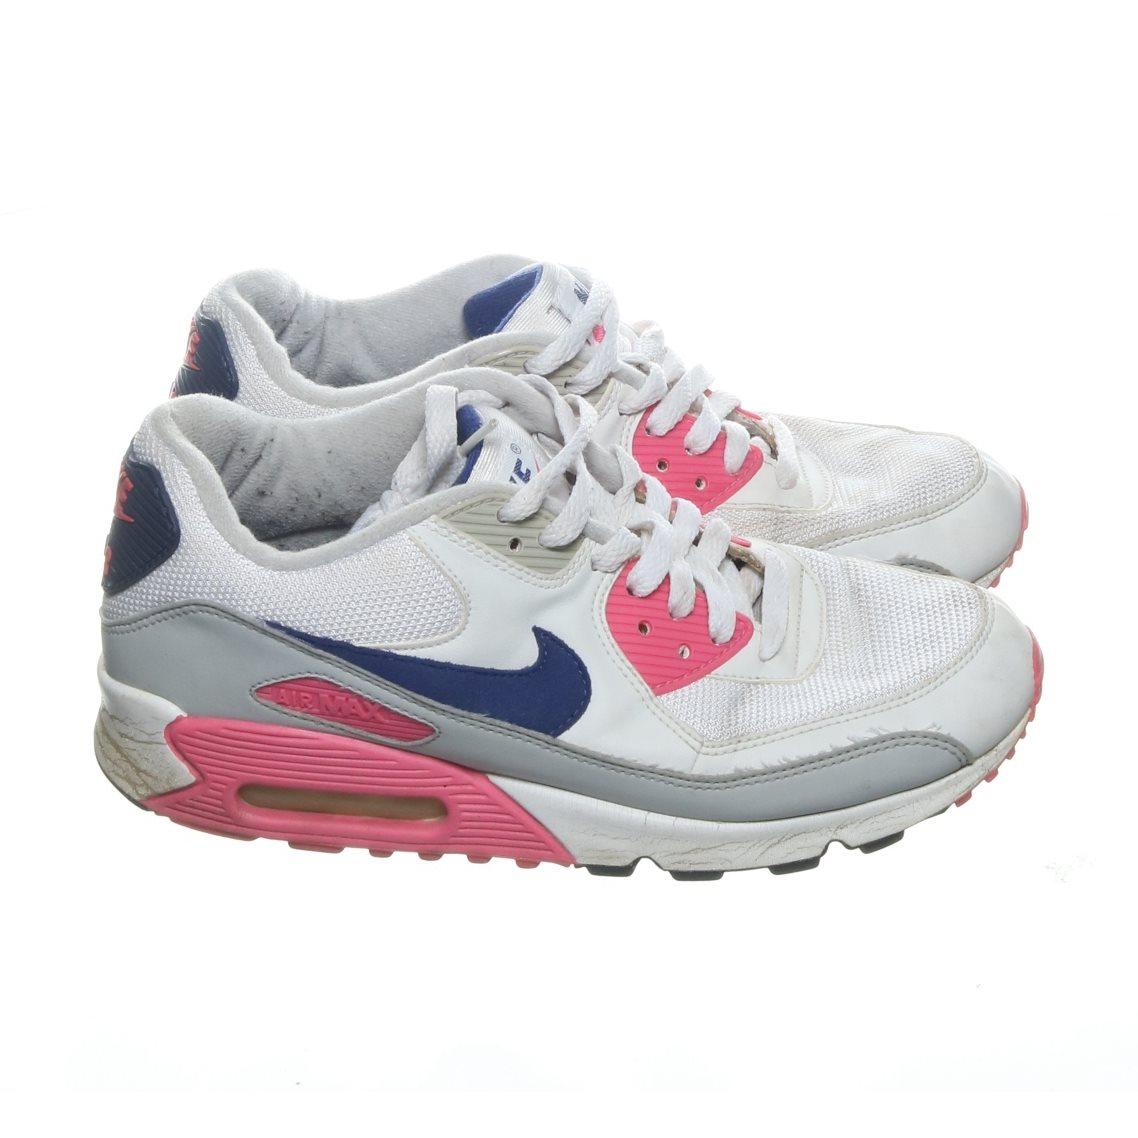 new style e58f3 19d21 Nike, Sneakers, Strl  40.5, AIR MAX, Vit Flerfärgad